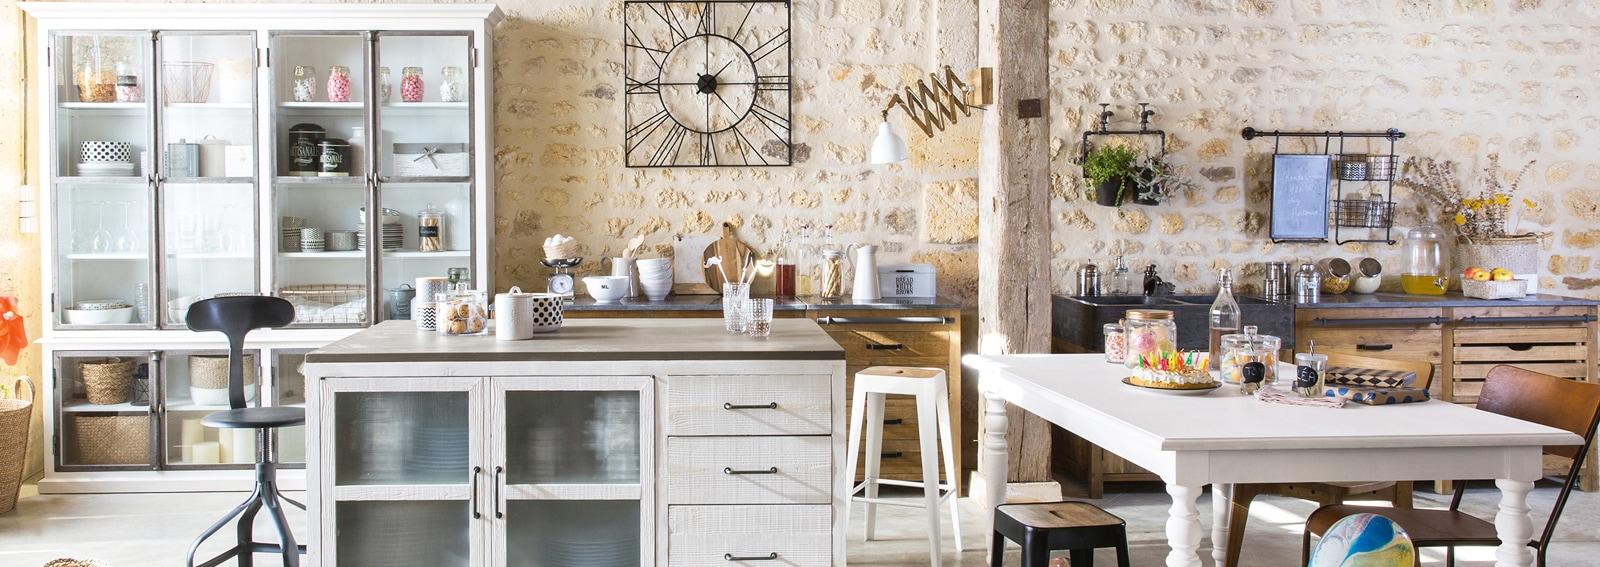 Come Decorare Una Cucina Rustica come arredare in stile rustico senza commettere errori